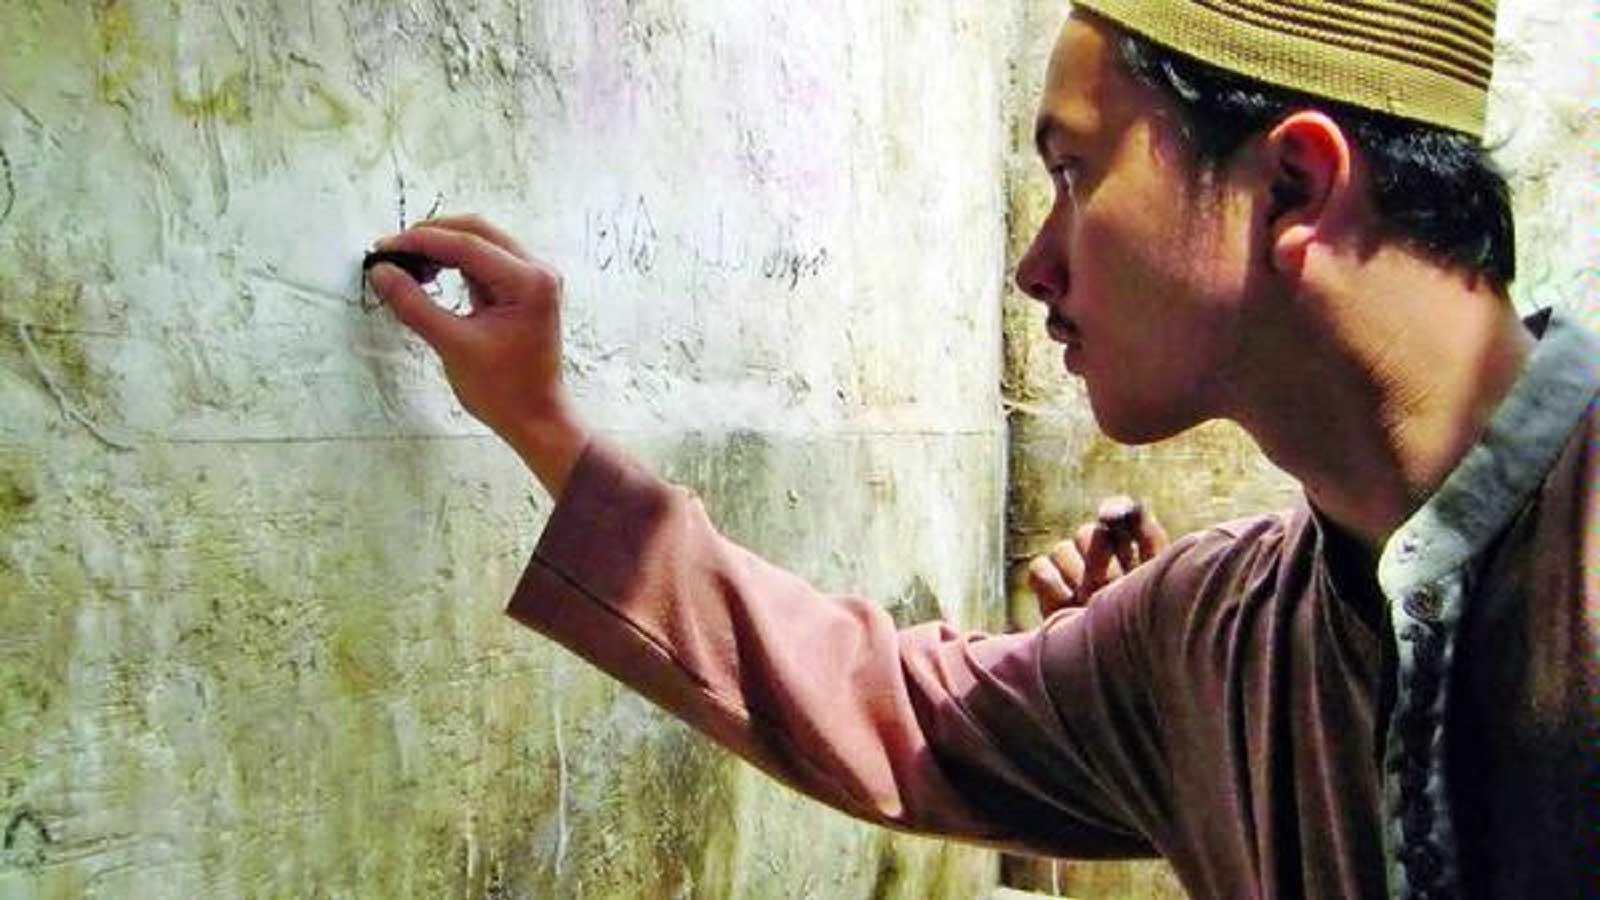 Muslim Sosial Dalam Dua Film Nurman Hakim Cinema Poetica